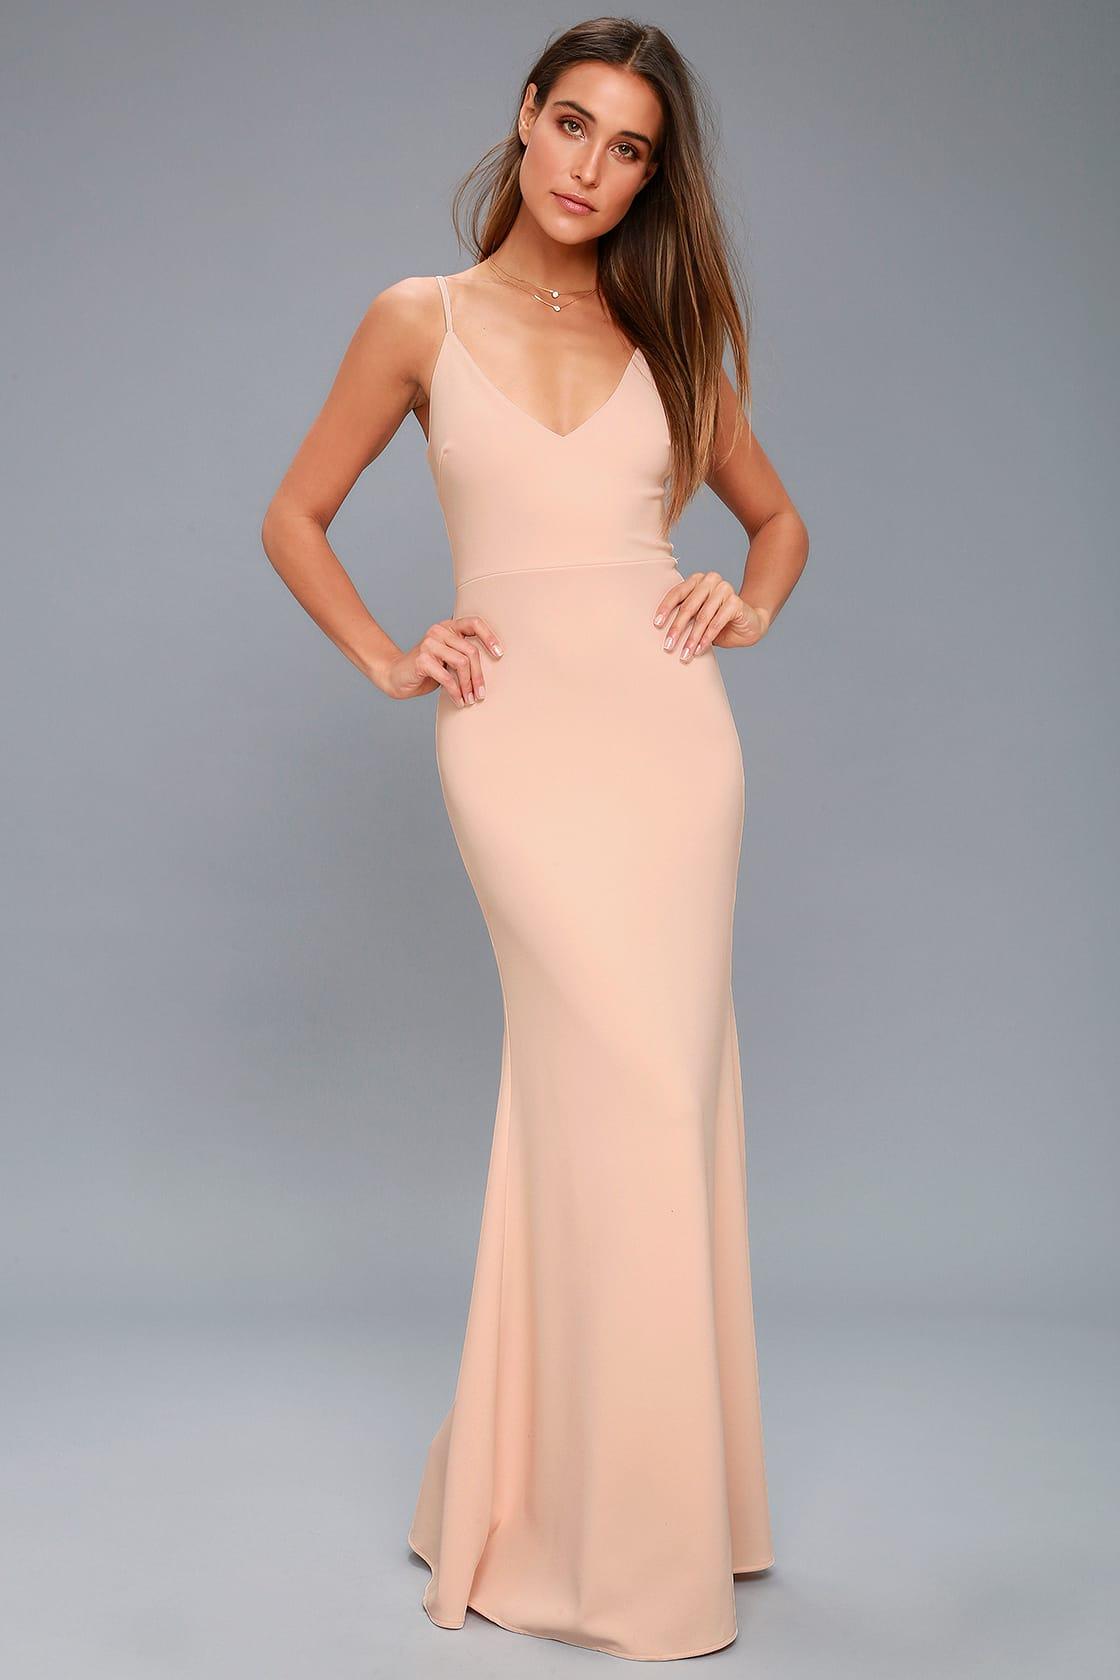 lulu blush dress.jpg